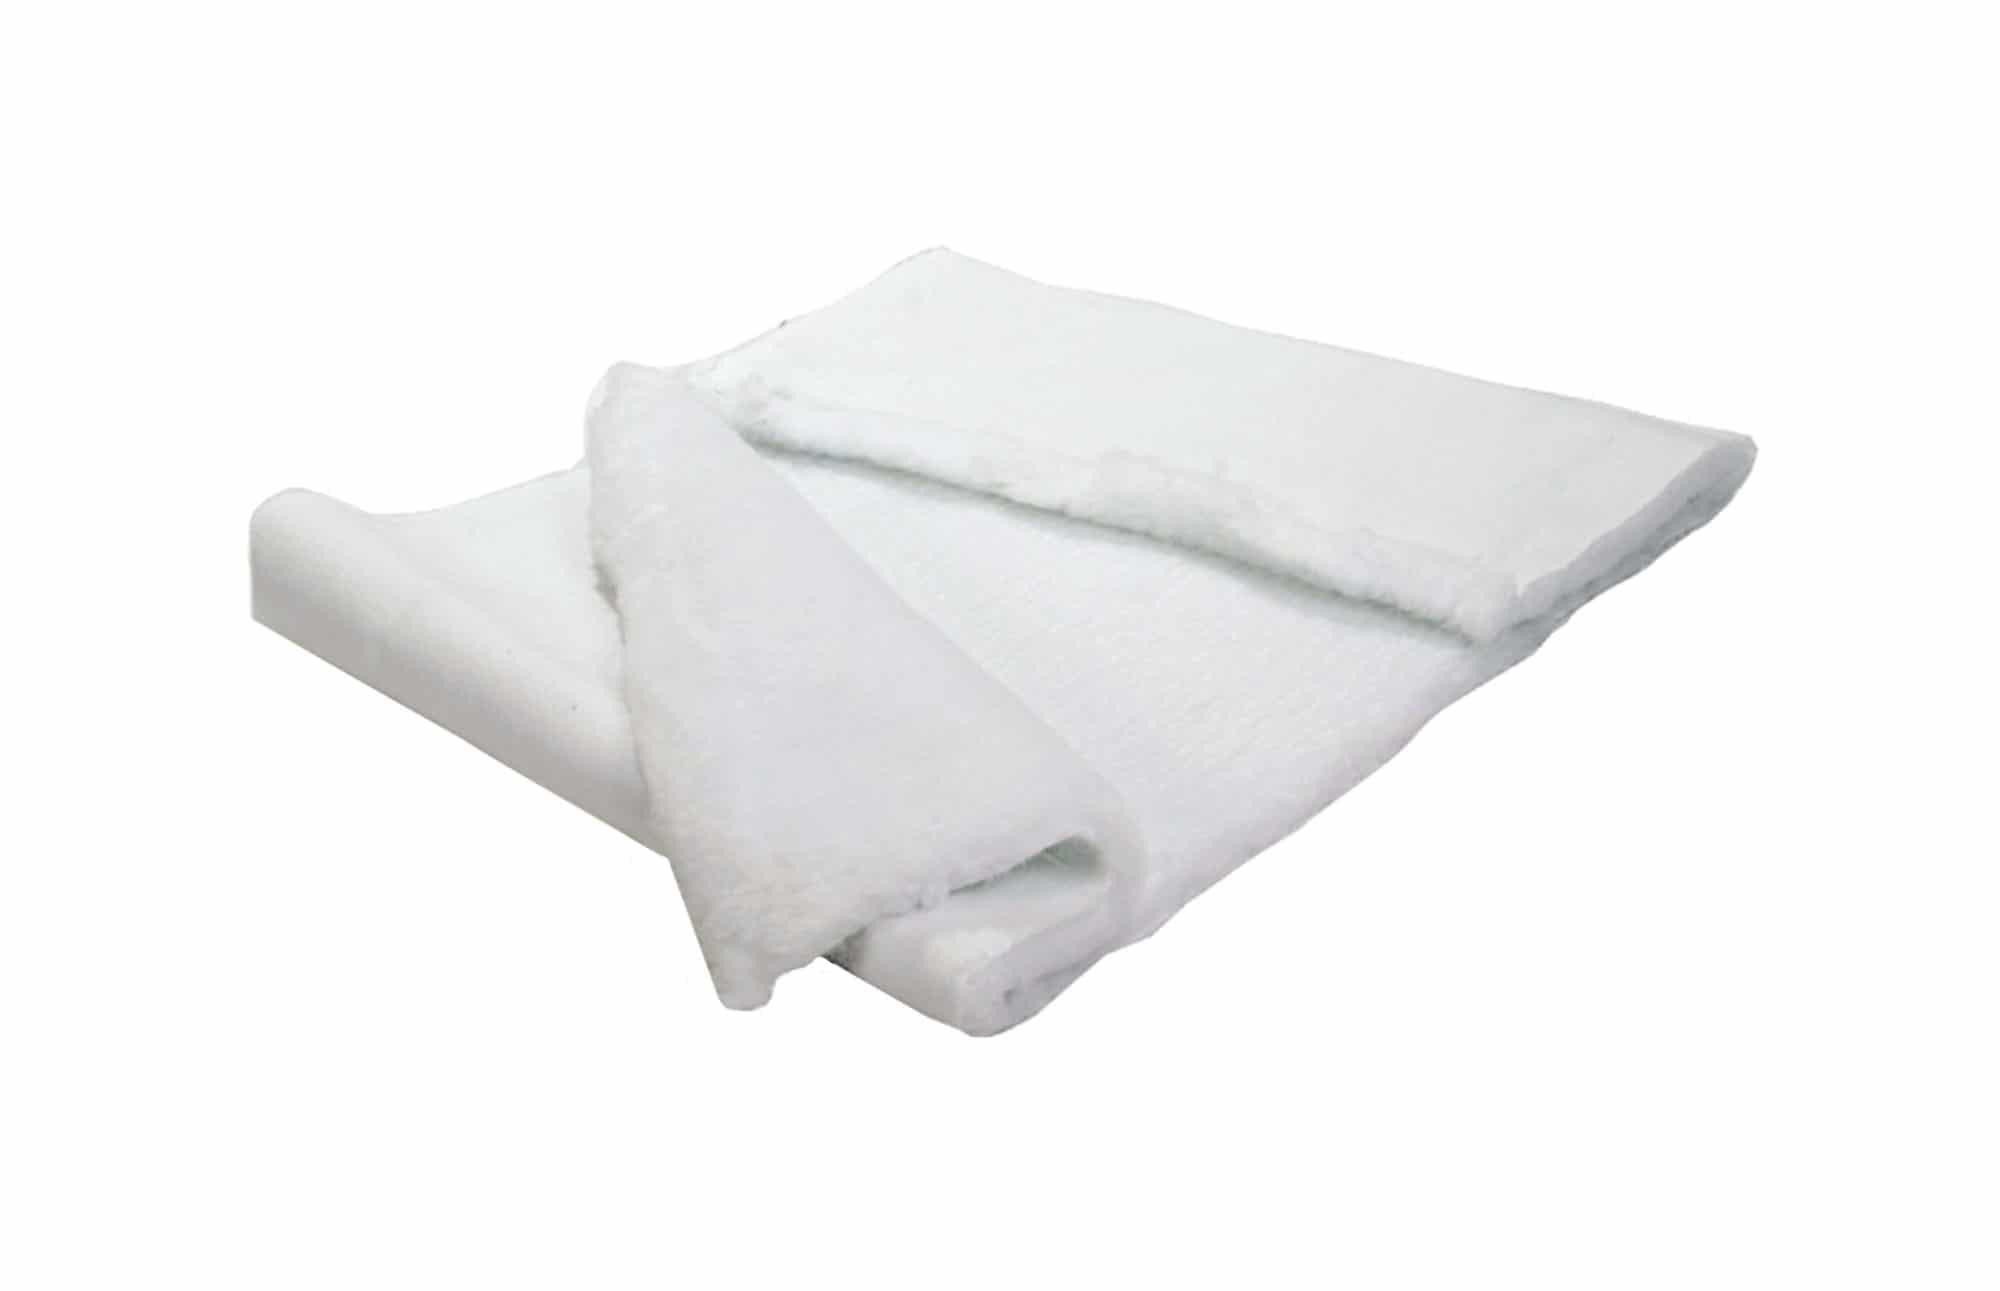 Pelo sintético para prevenção de escaras da Orthos XXI para proteção da pele do utilizador, evitando o aparecimento de feridas e irritações.